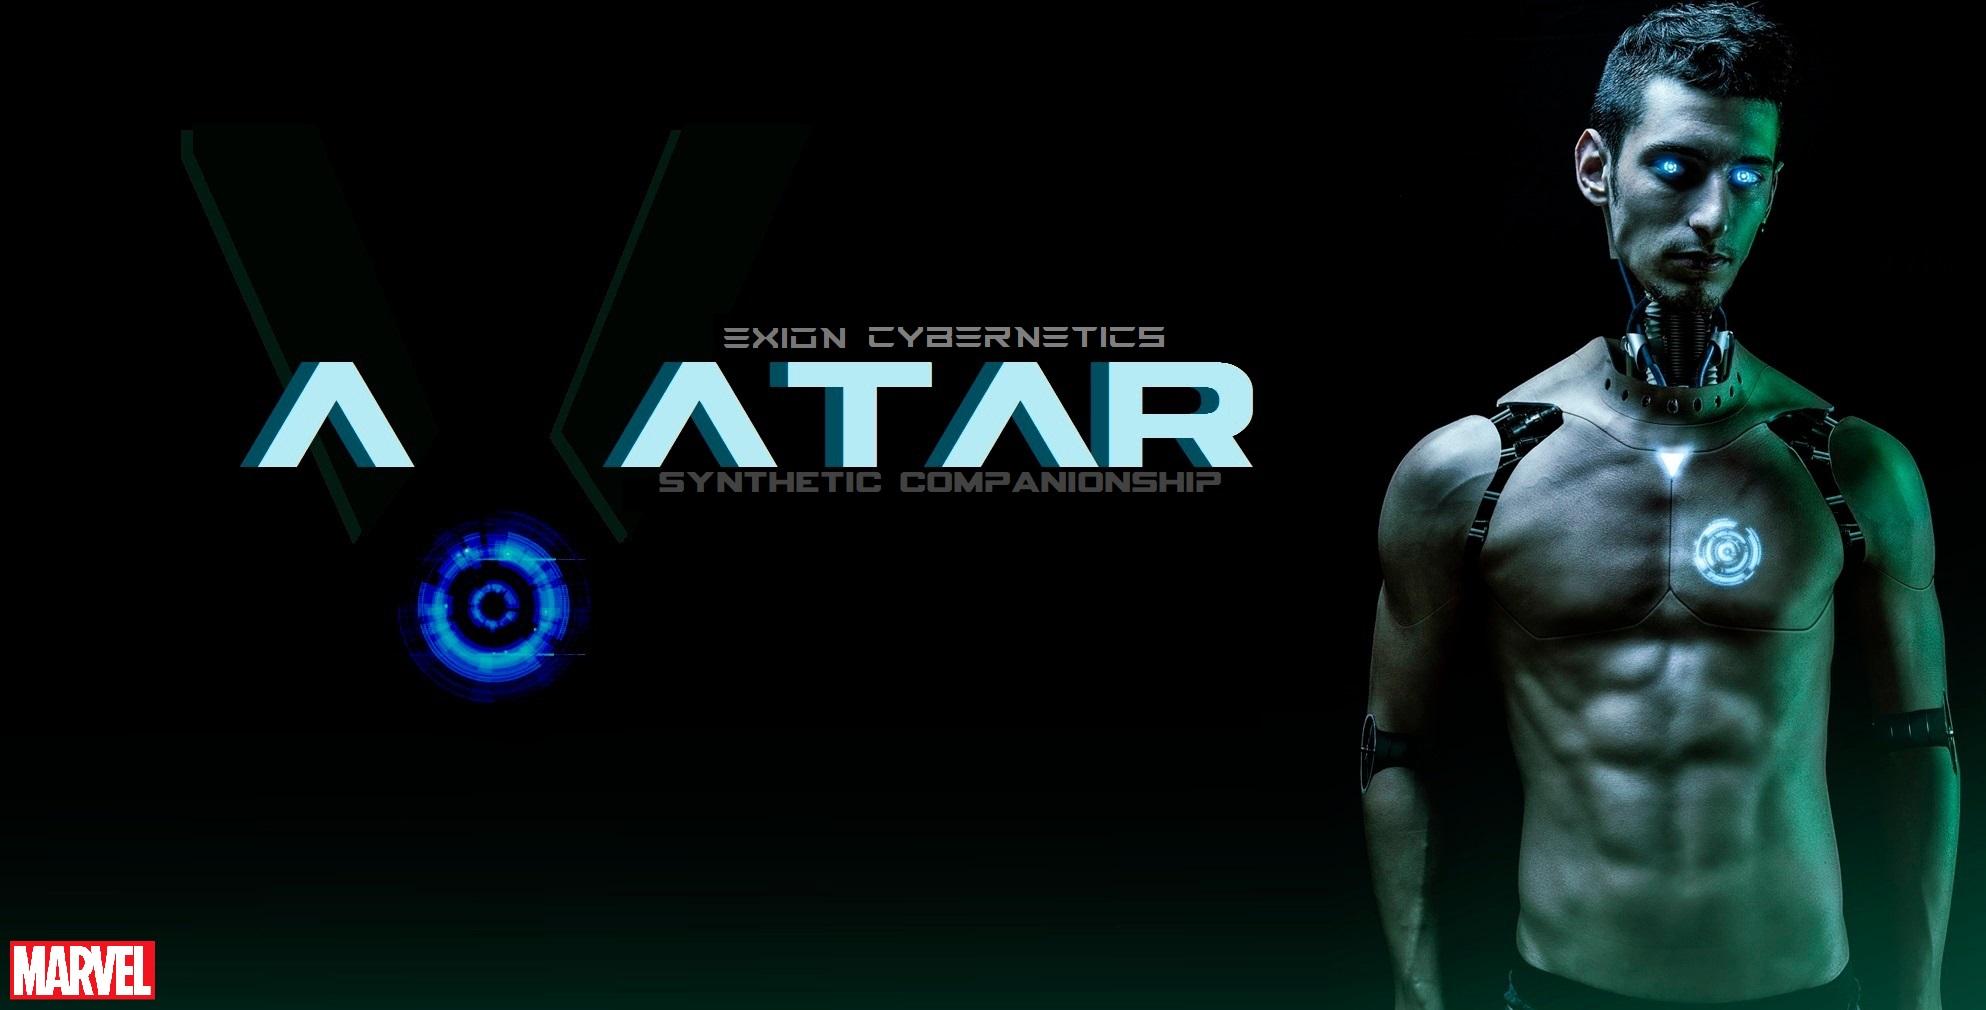 AVATAR_5.jpg